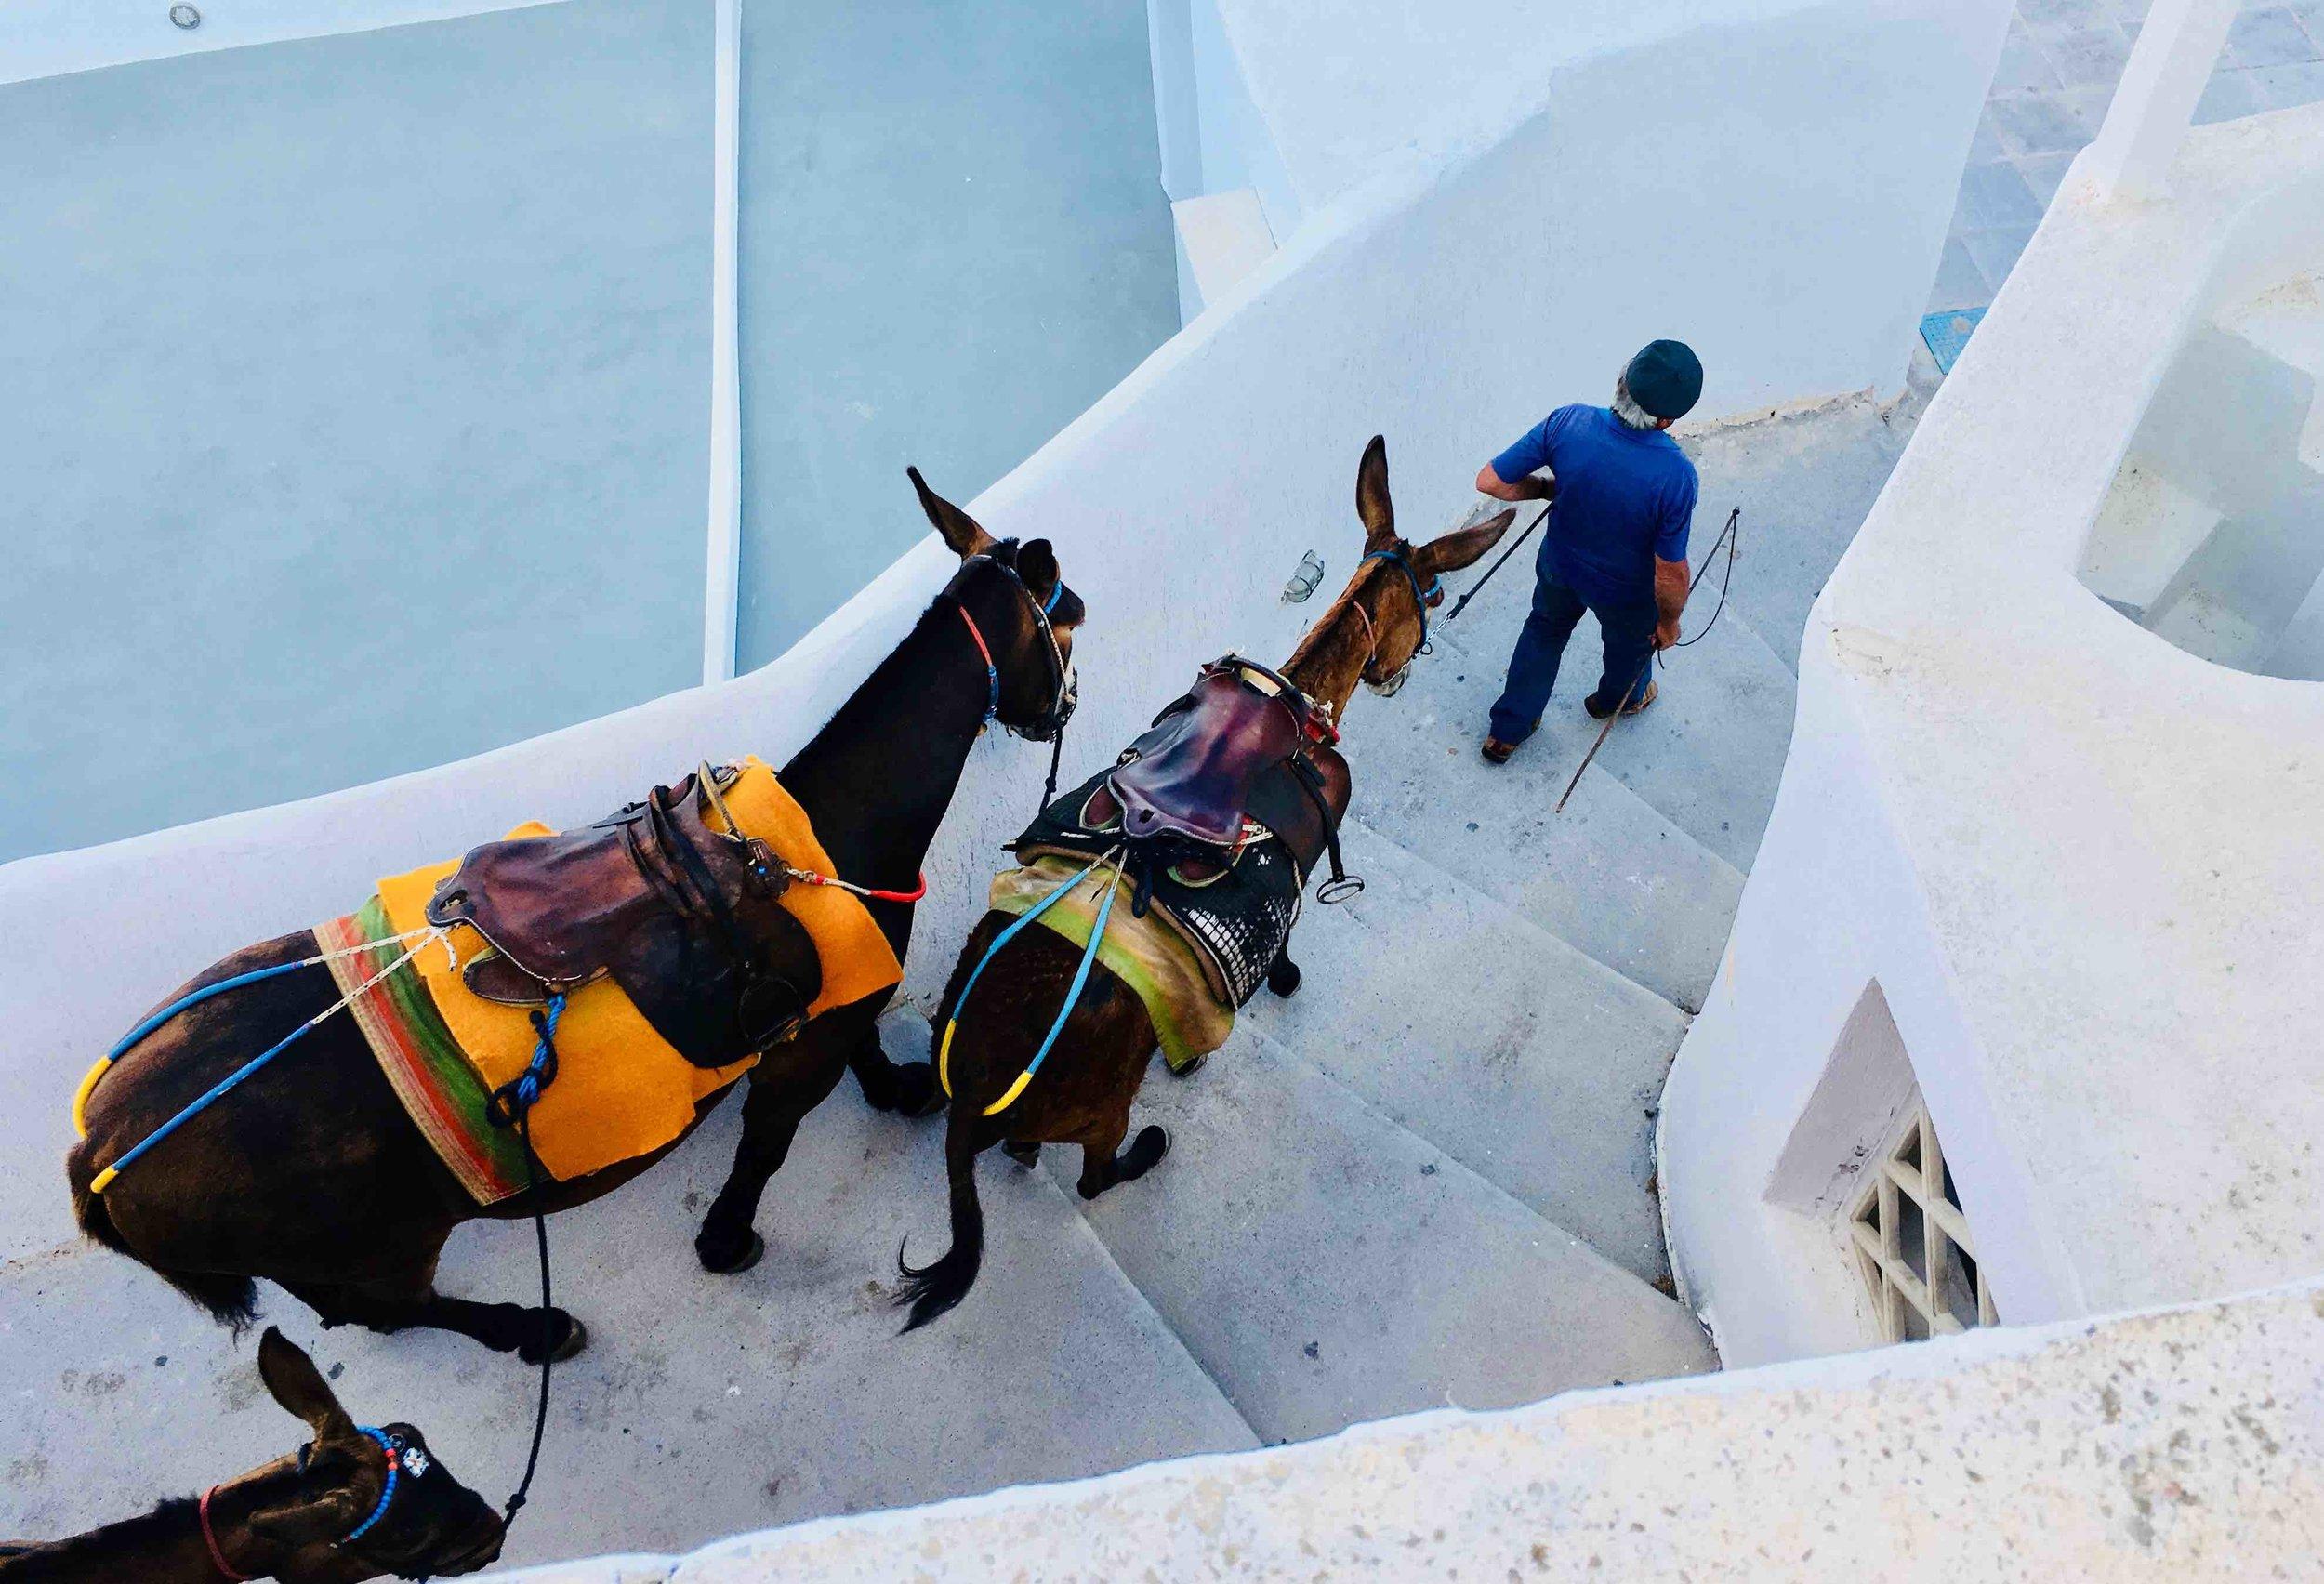 Donkeys on path in Fira